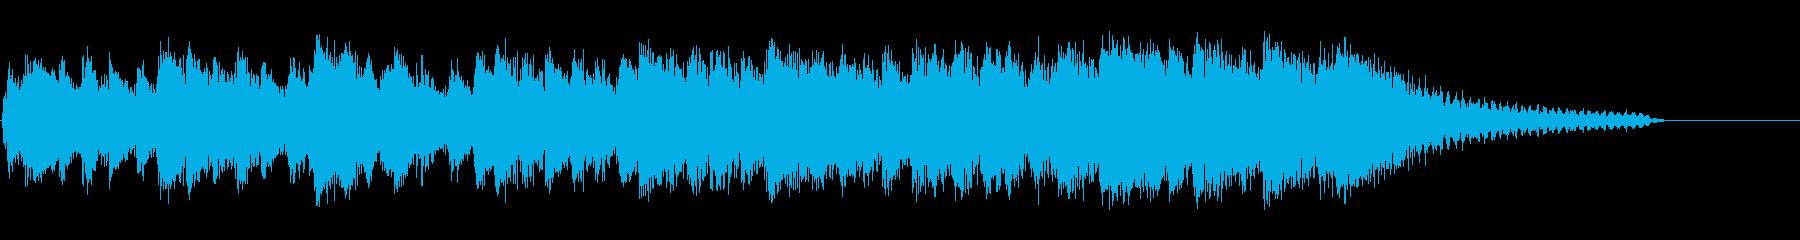 グランドピアノ:テンションアクセン...の再生済みの波形